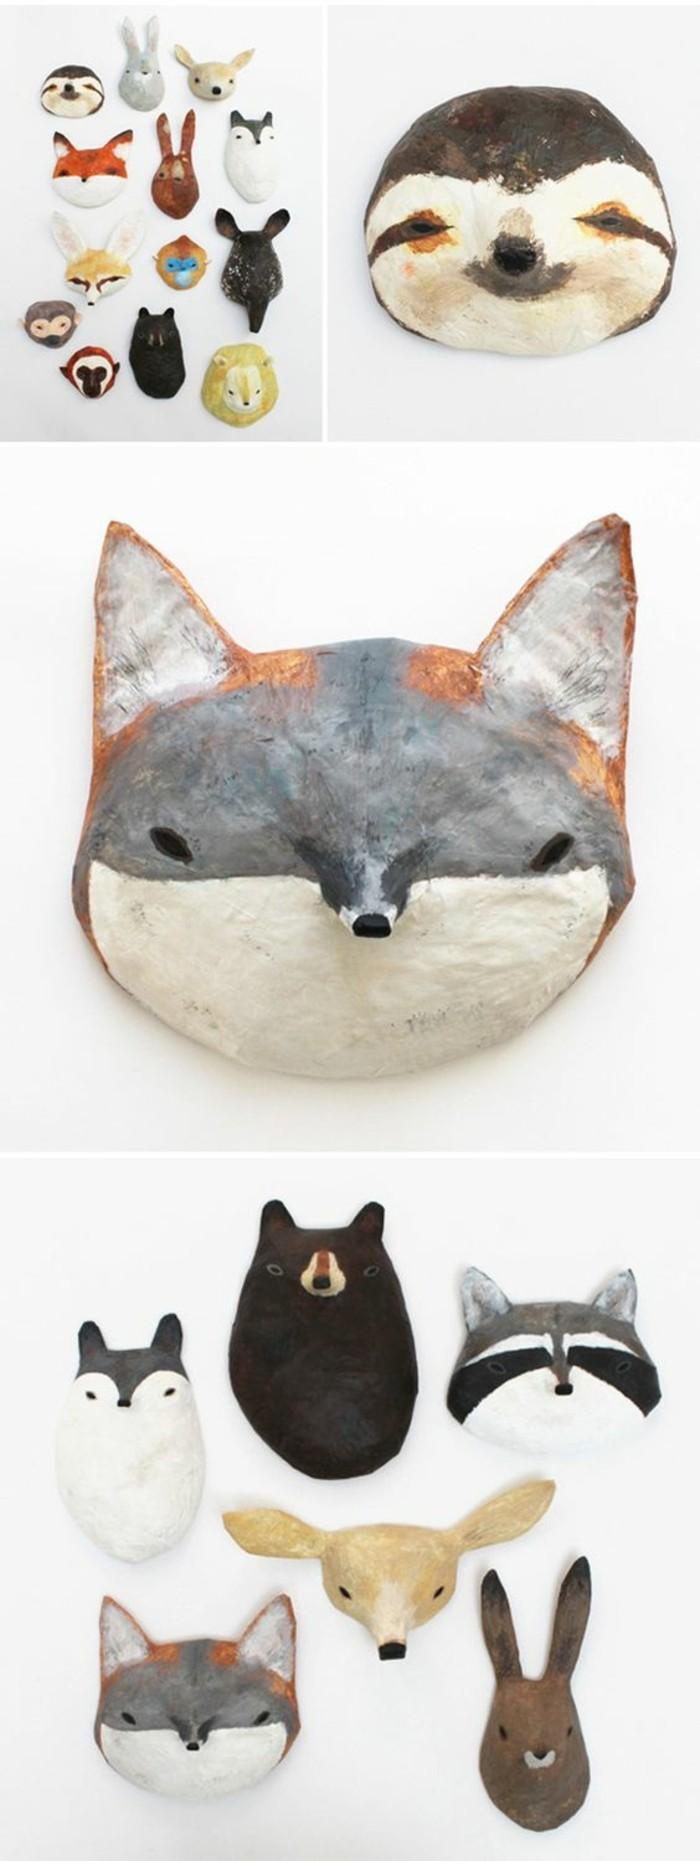 des-masques-en-papier-maché-représentant-des-tetes-d-animaux-comment-faire-du-papier-maché-resized